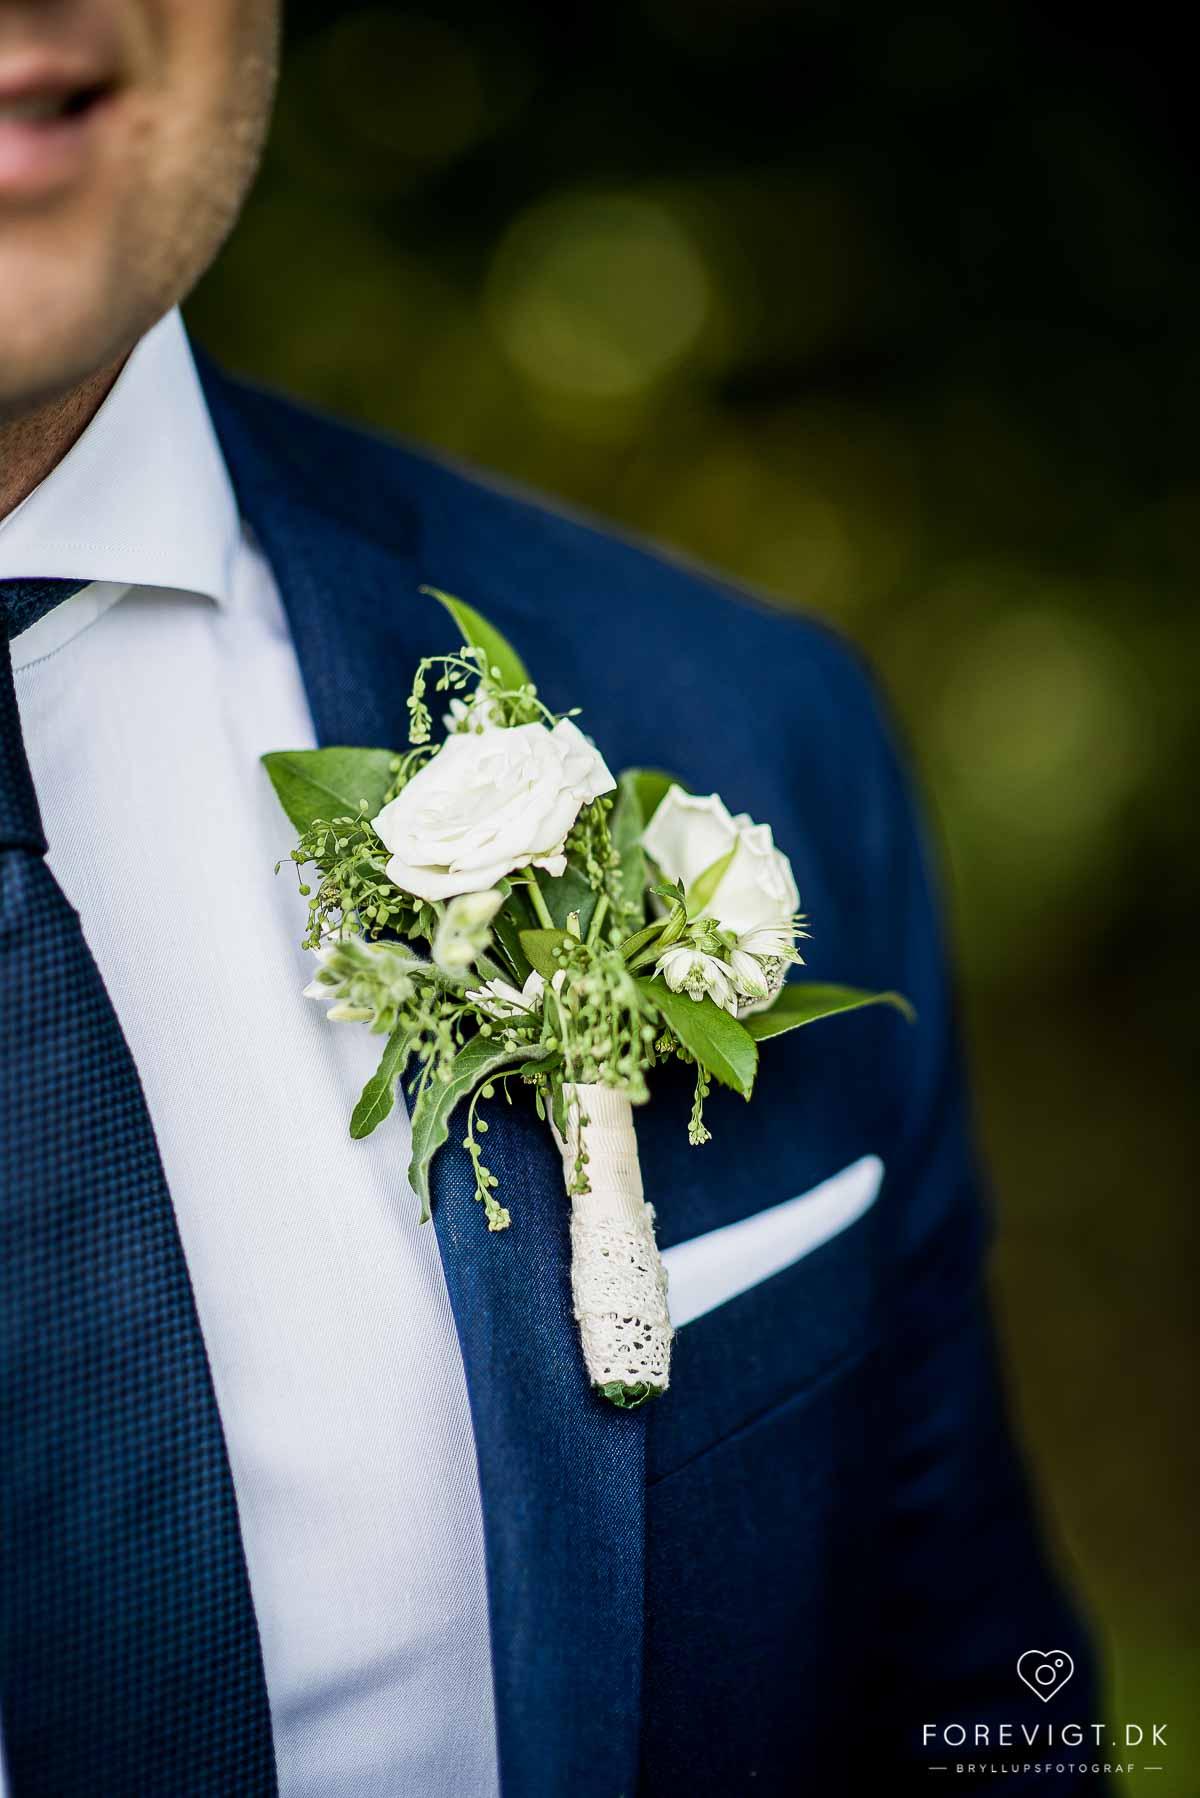 Bryllupsfotografer - finn fotograf til ditt bryllup.